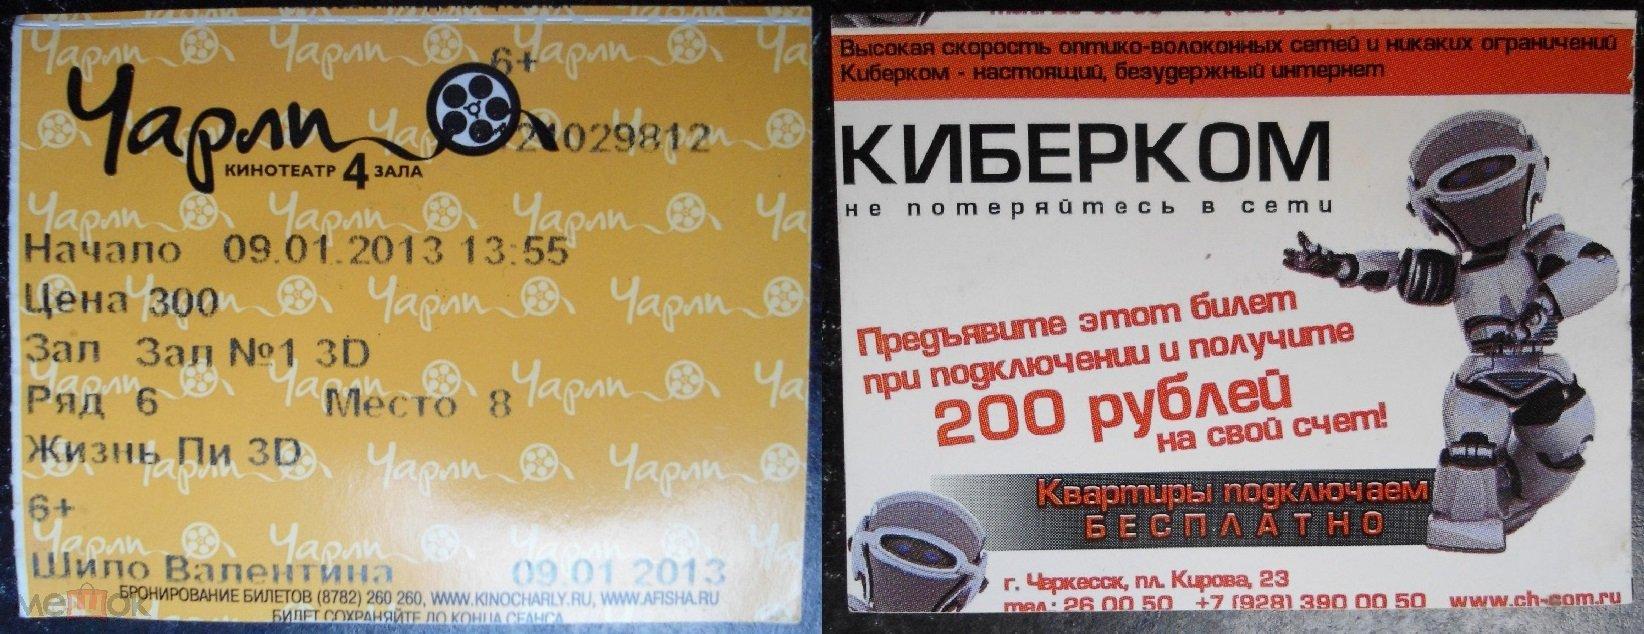 Билет в кино до 200 рублей афиша кино синема 5 чебоксары